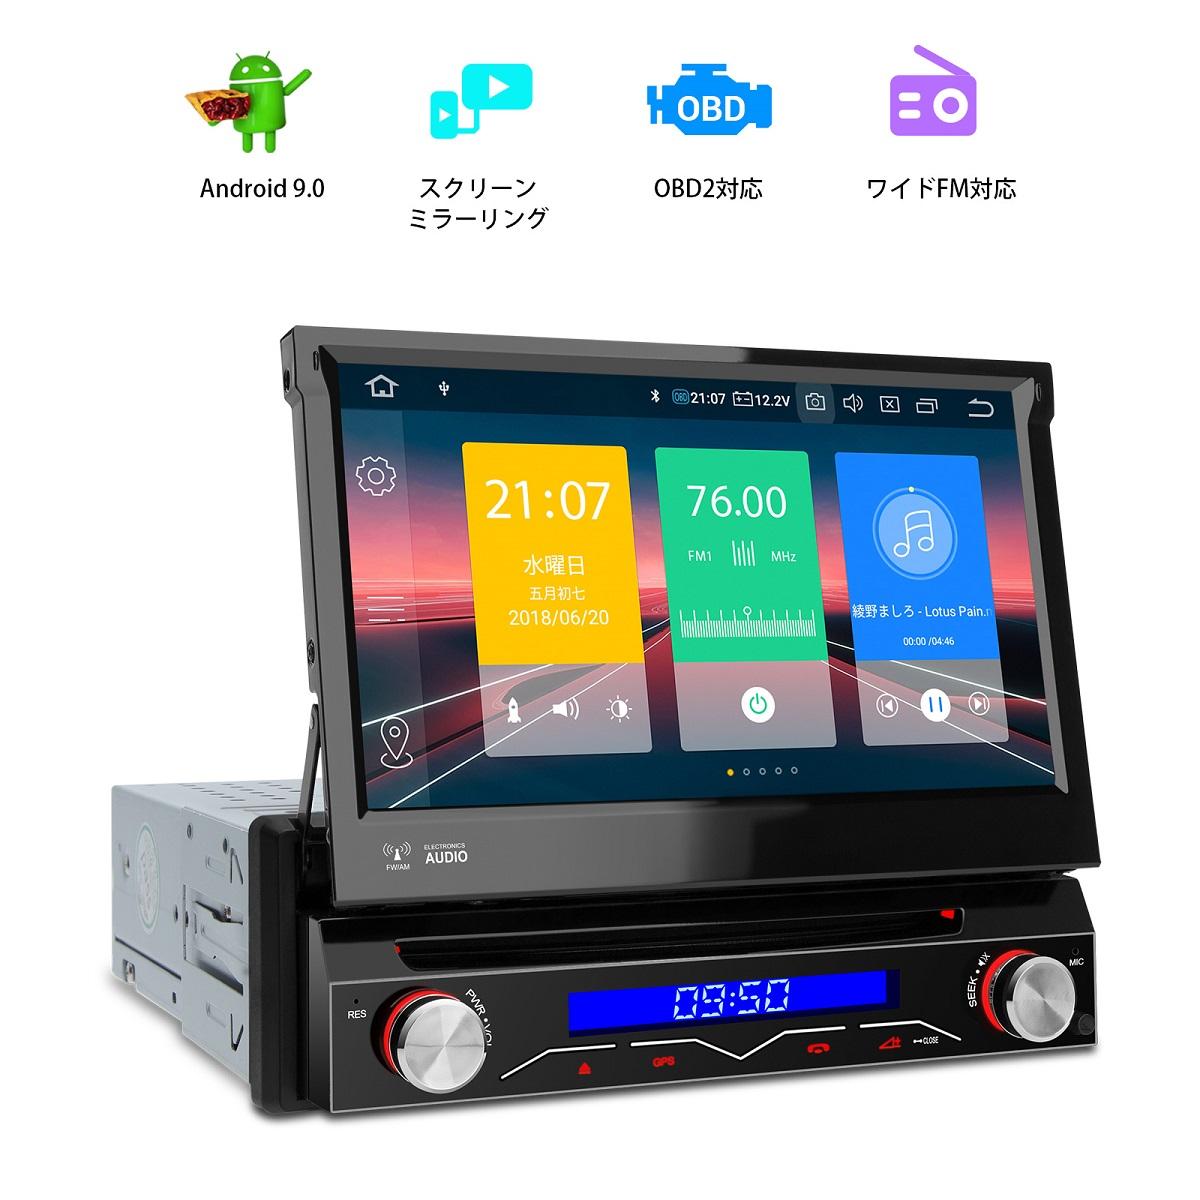 (D715P) XTRONS Android9.0 カーナビ 1DIN 7インチ 4コア RAM2GB 一体型車載PC DVDプレーヤー 1024*600高画質 カーオーディオ 4G WIFI GPS ミラーリング DVR Bluetooth OBD2 ワイドFM